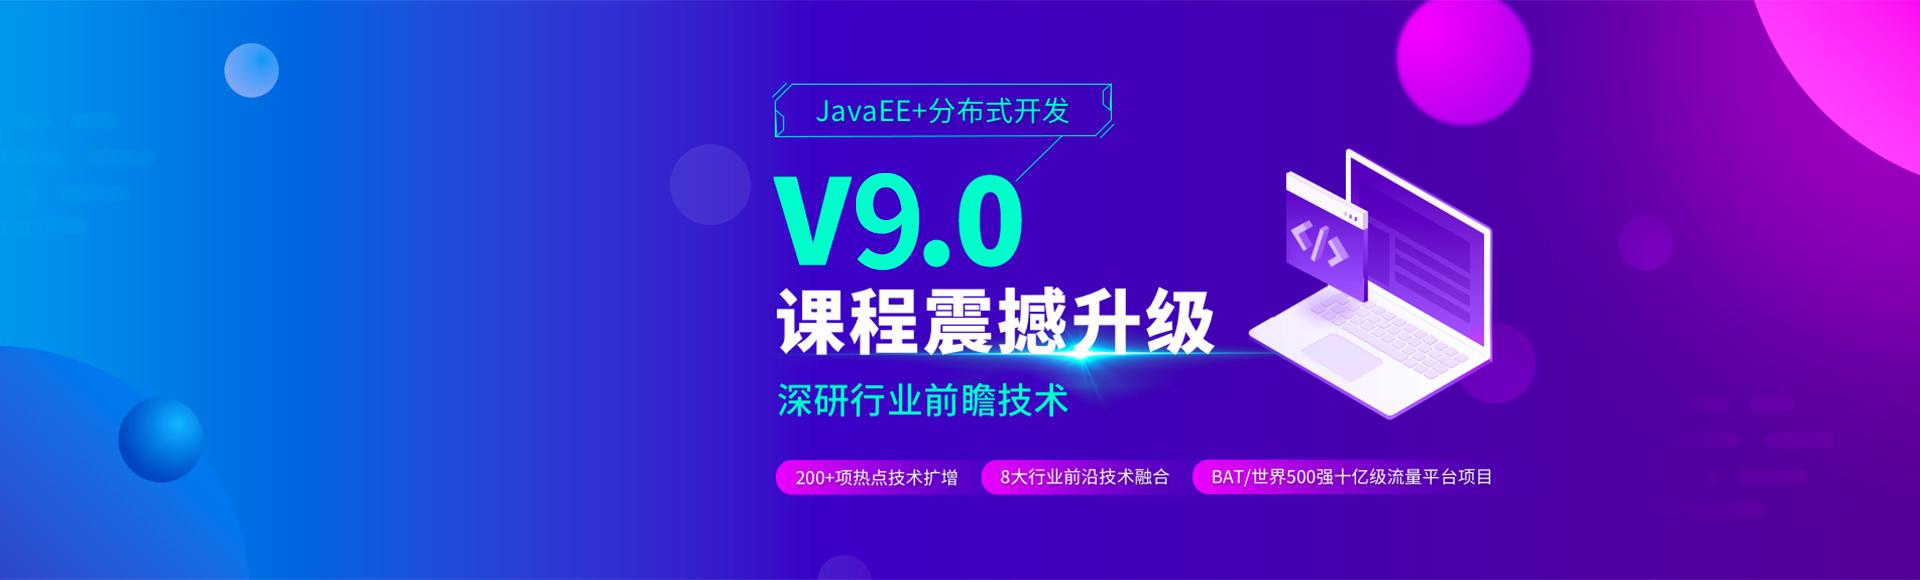 JavaEE+分布式开发课程震撼升级